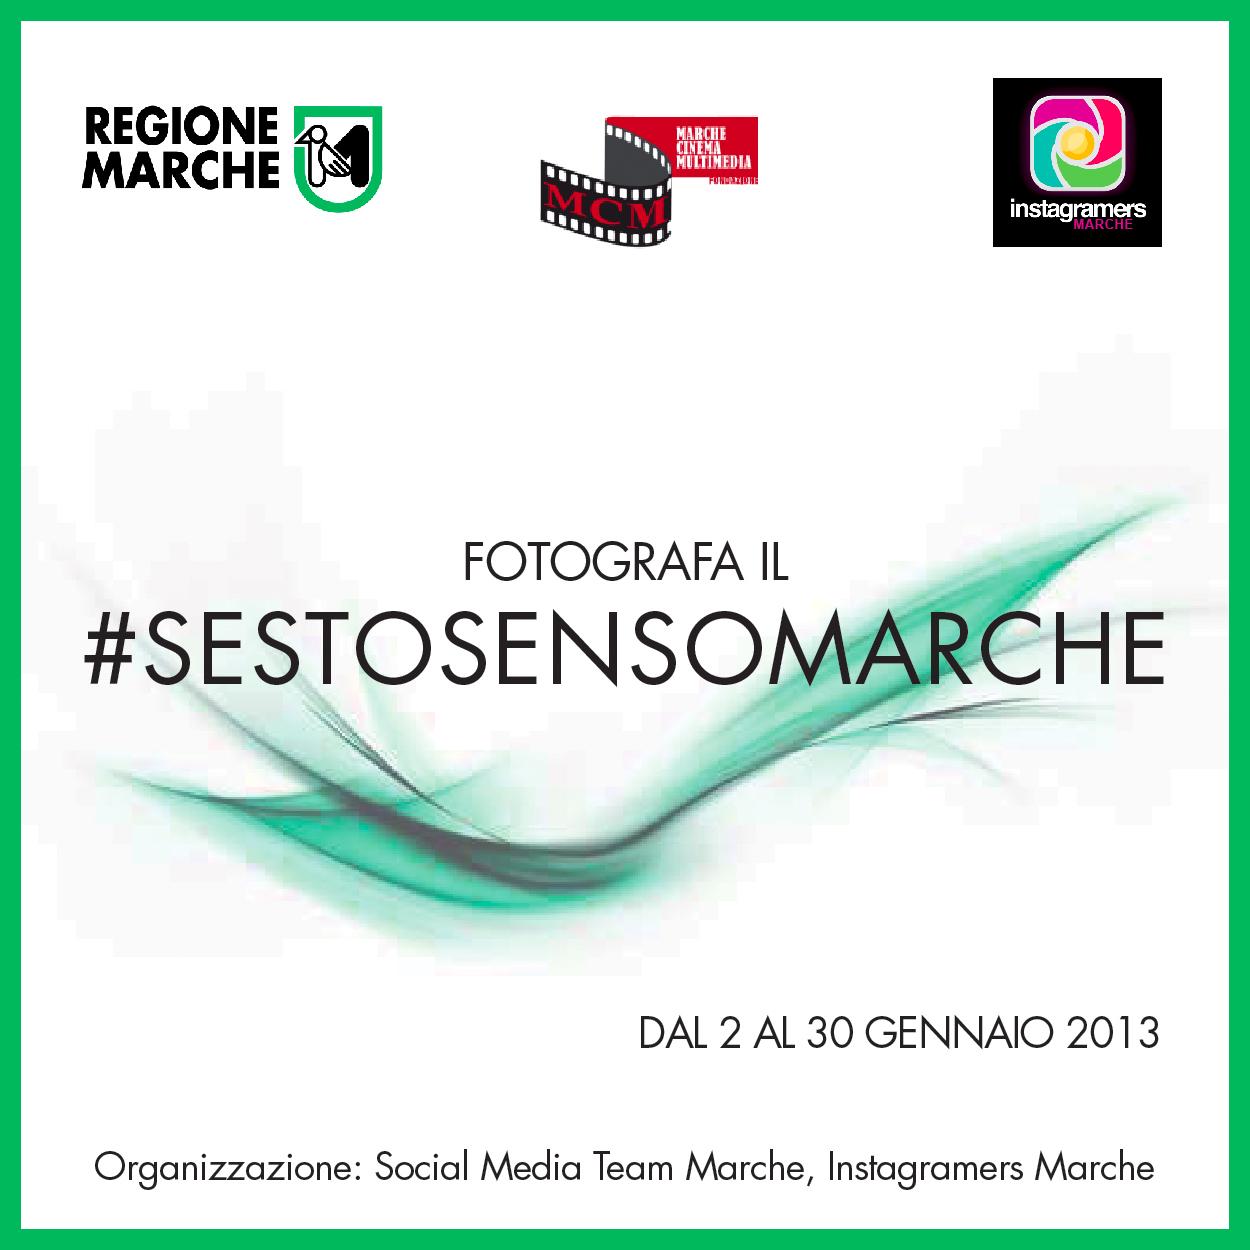 Il Sesto Senso delle Marche alla BIT Milano con voi Instagramers!